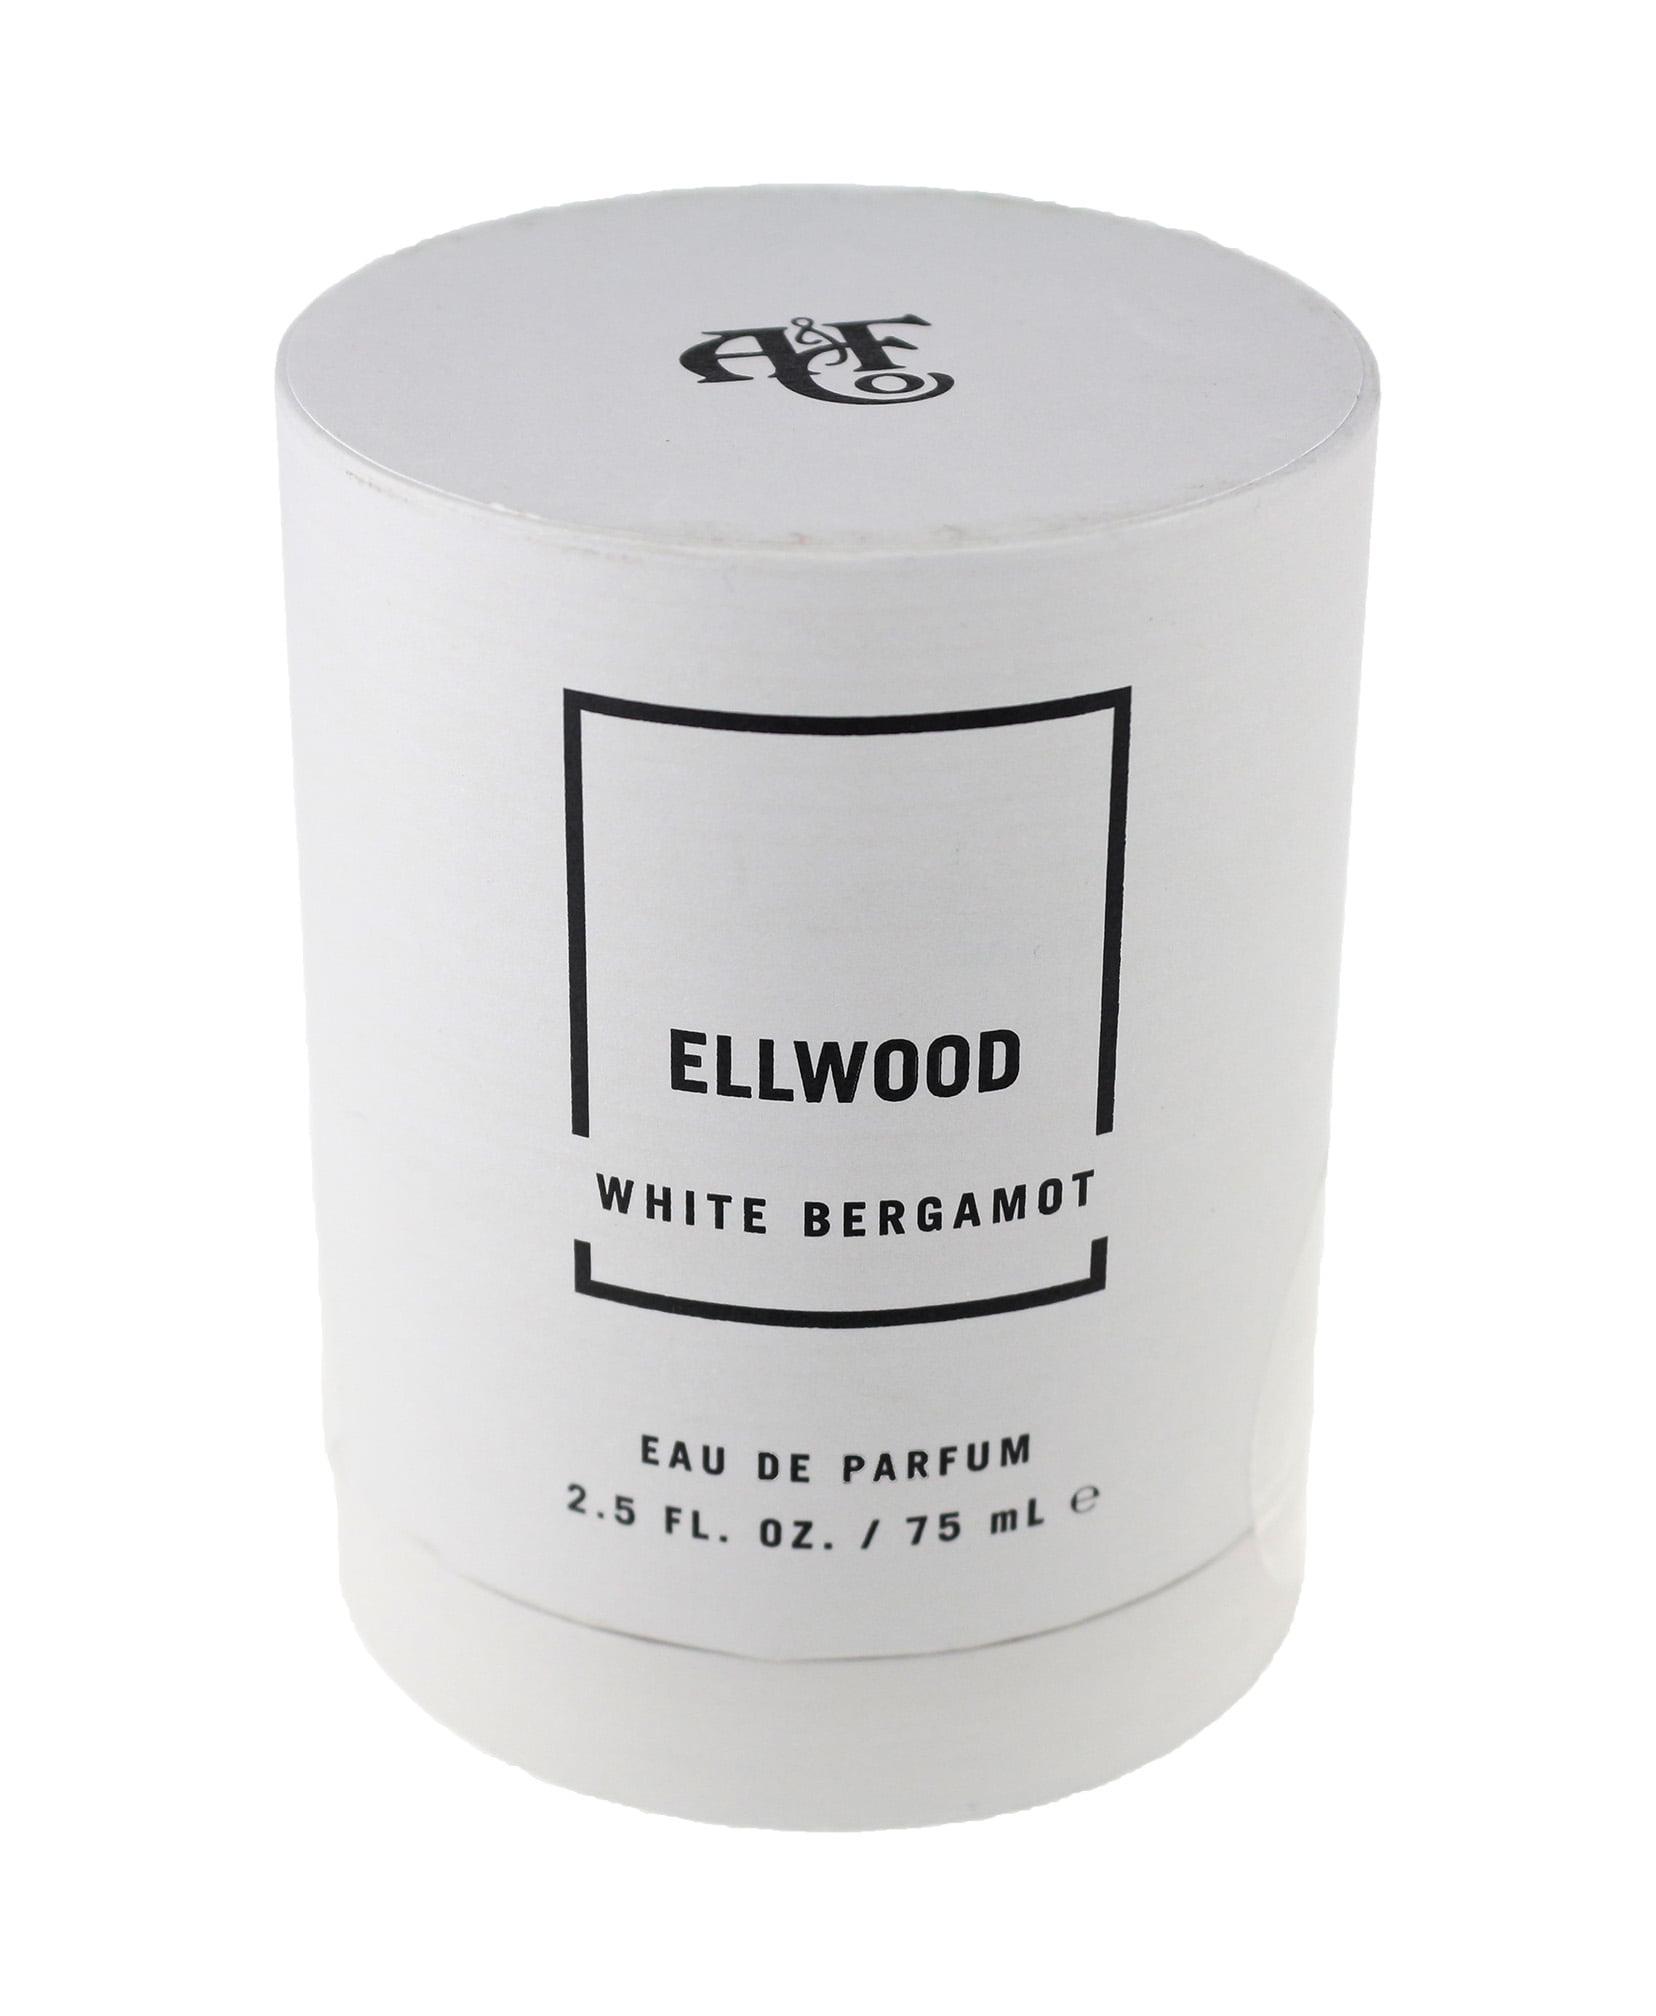 Abercrombie & Fitch Ellwood White Bergamot Eau De Parfum 2.5Oz/75ml ...